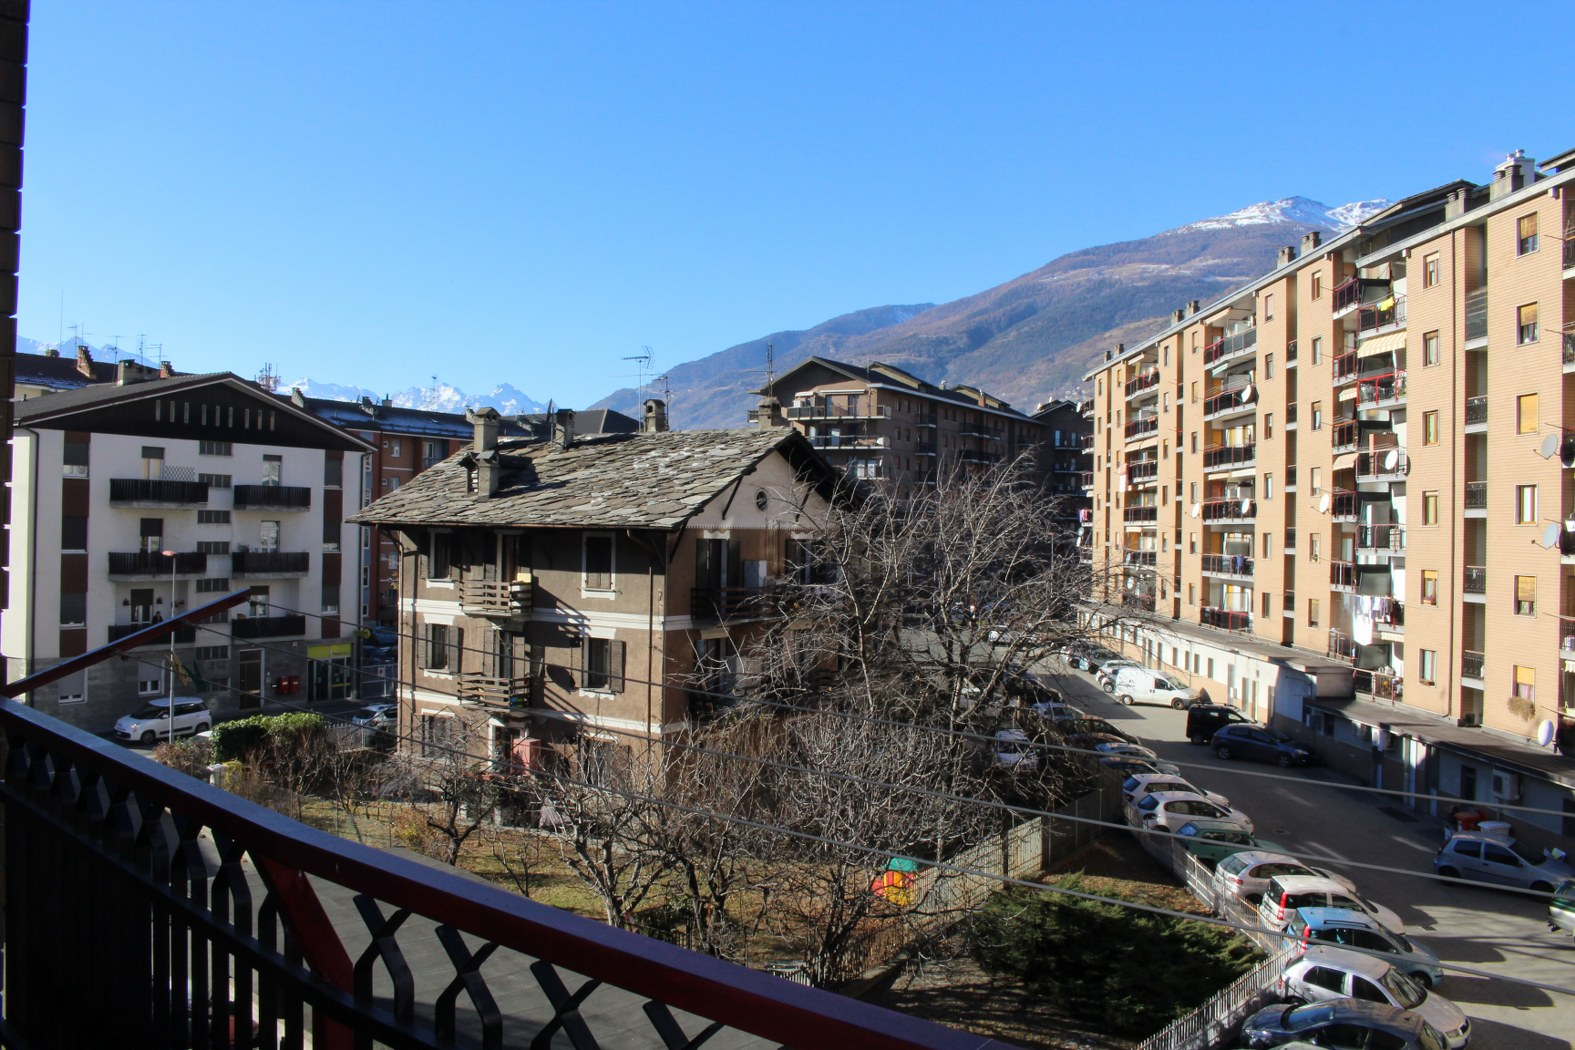 Appartamento in vendita a Aosta, 3 locali, zona Zona: Semicentro, prezzo € 160.000   CambioCasa.it